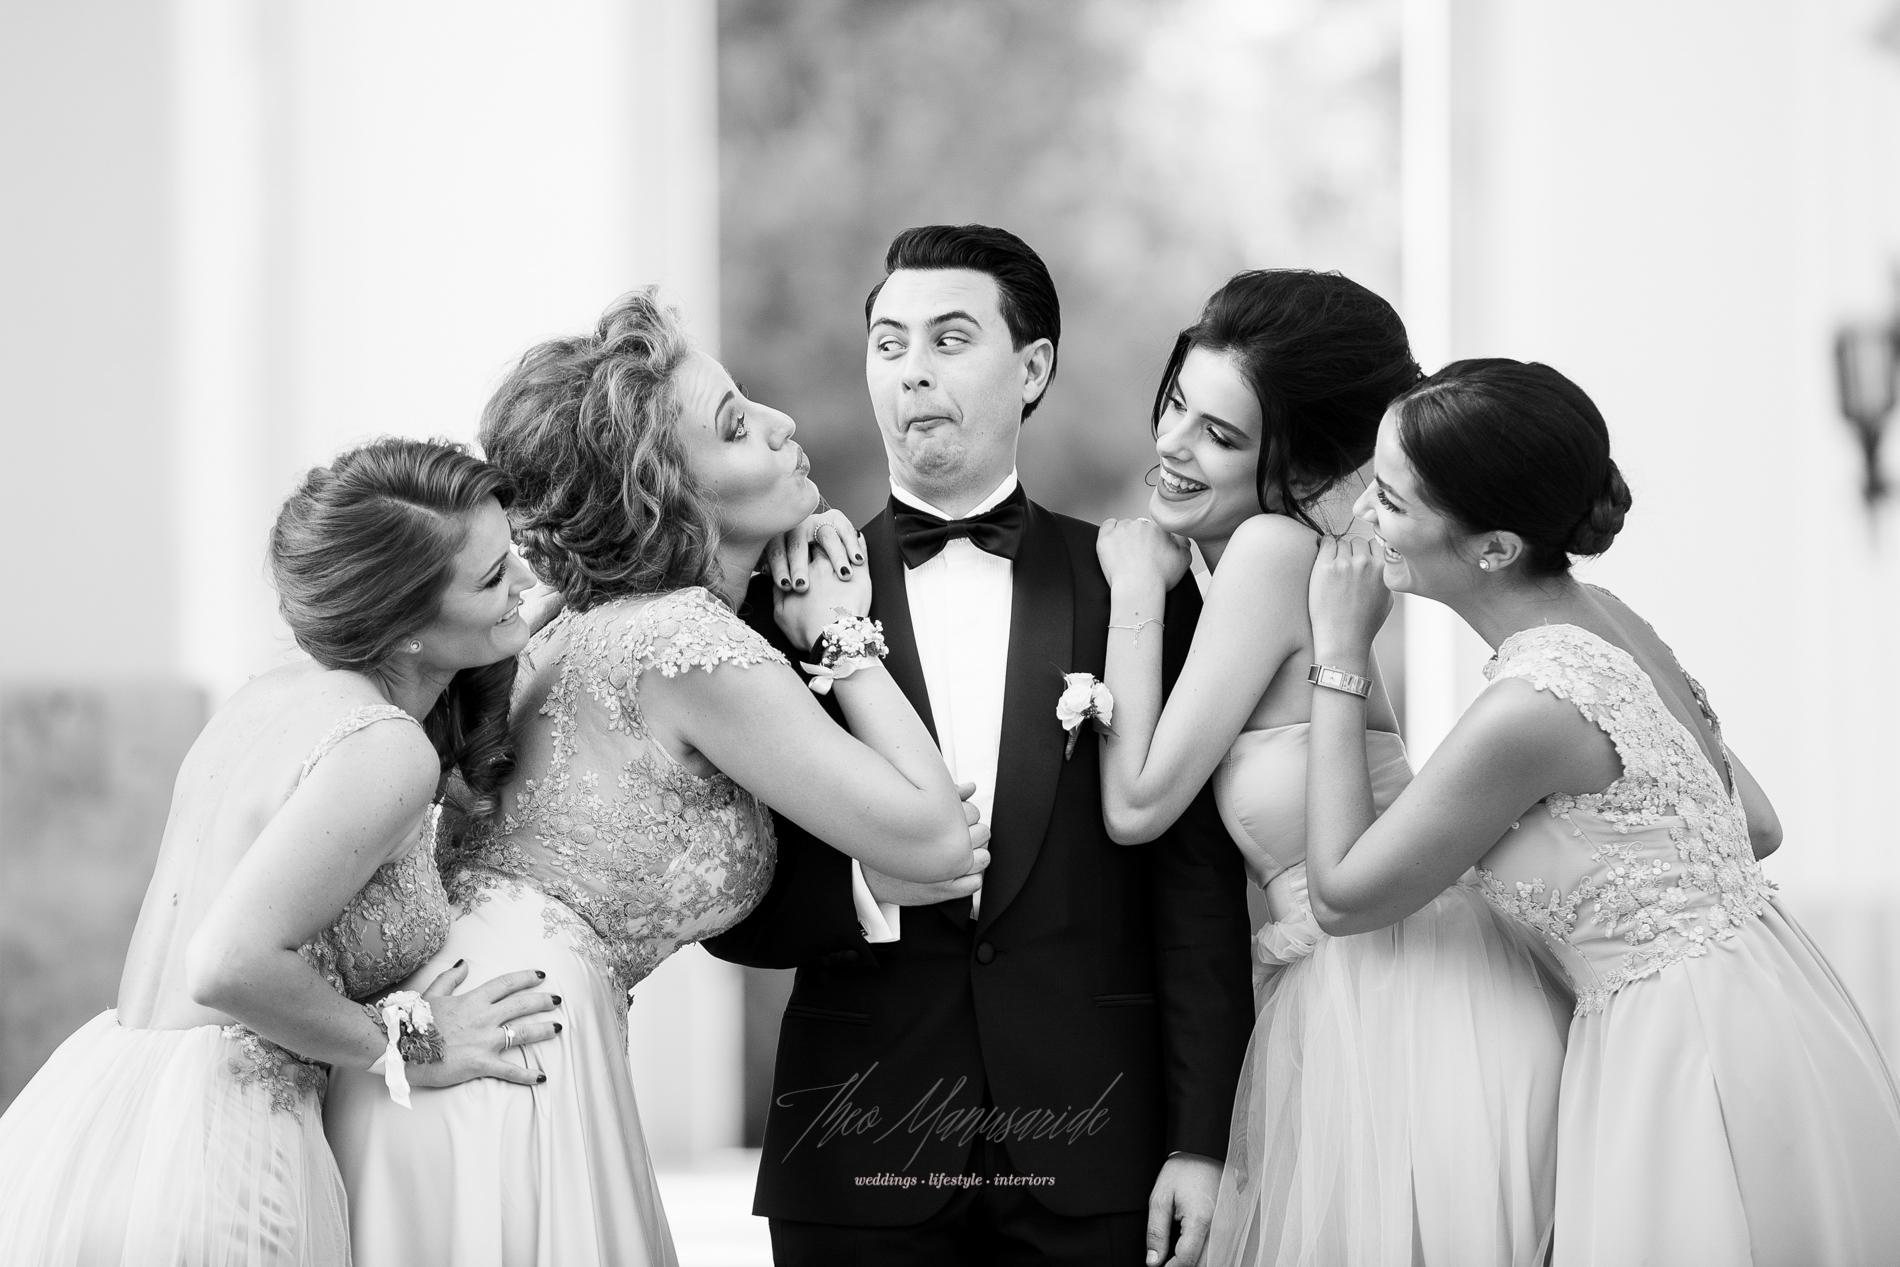 fotograf nunta biavati events-28-2